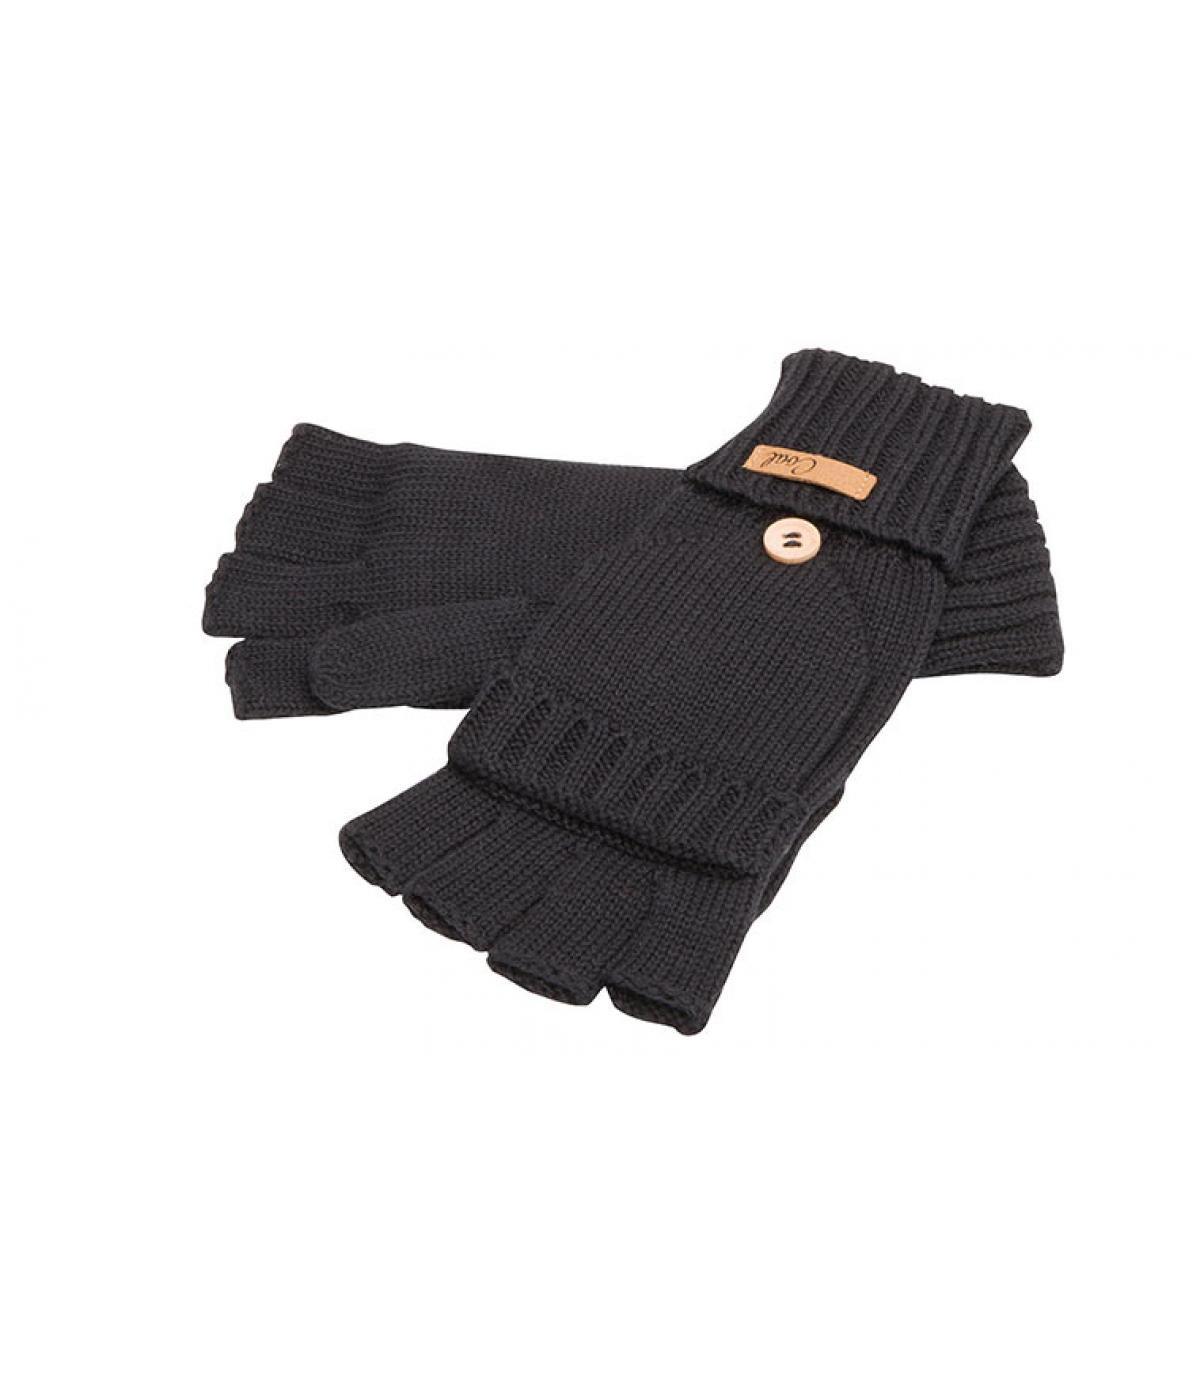 Handschuhe Fäustlinge schwarz